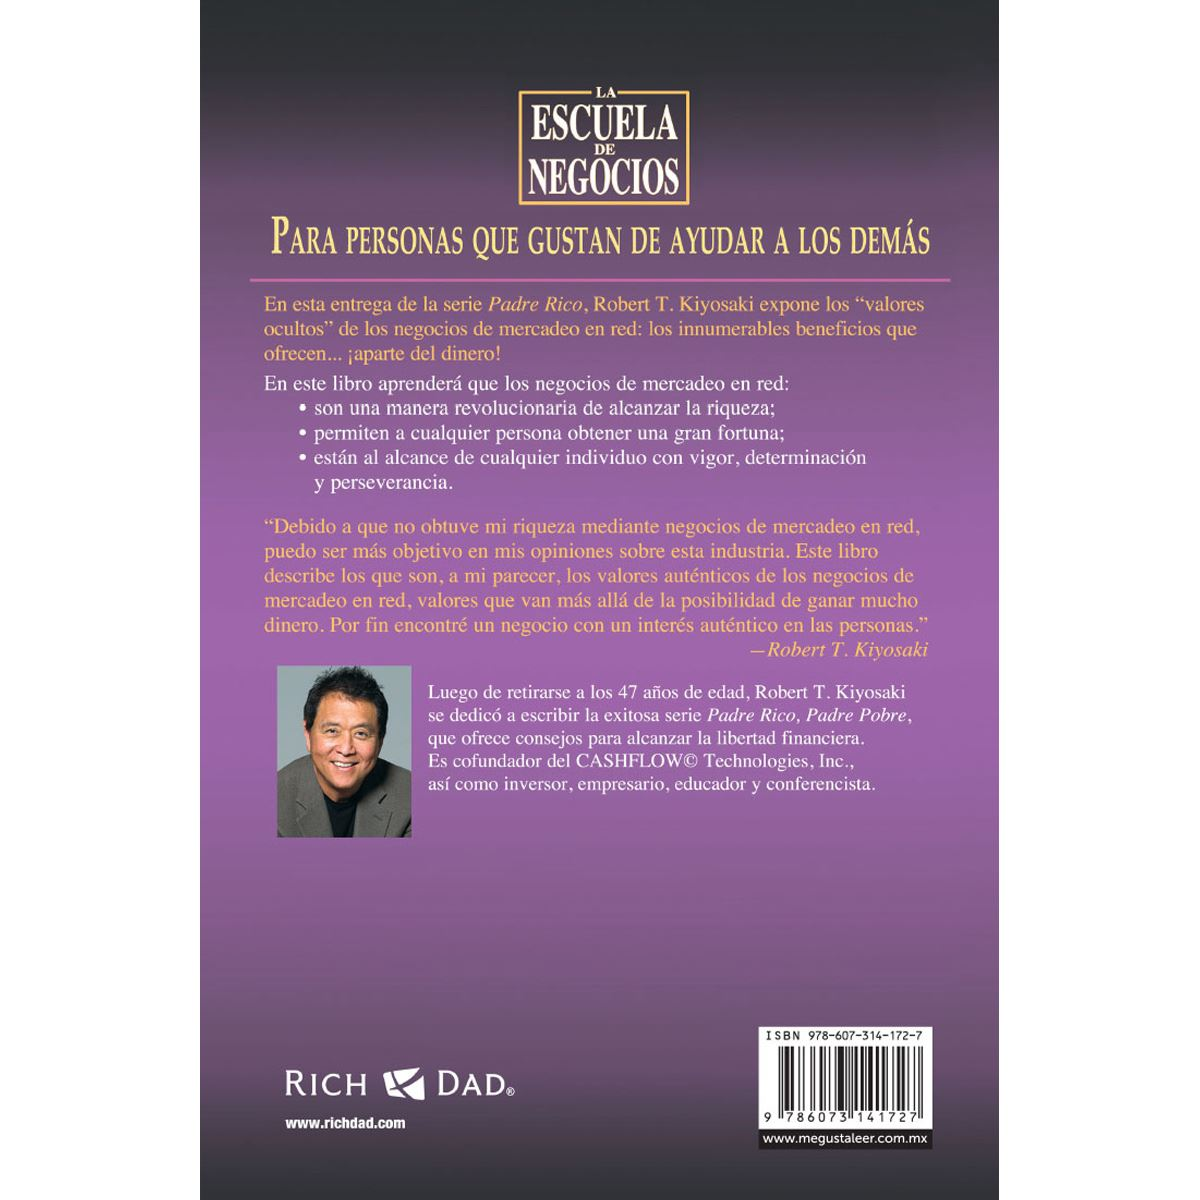 La Escuela de Negocios (Bestseller)